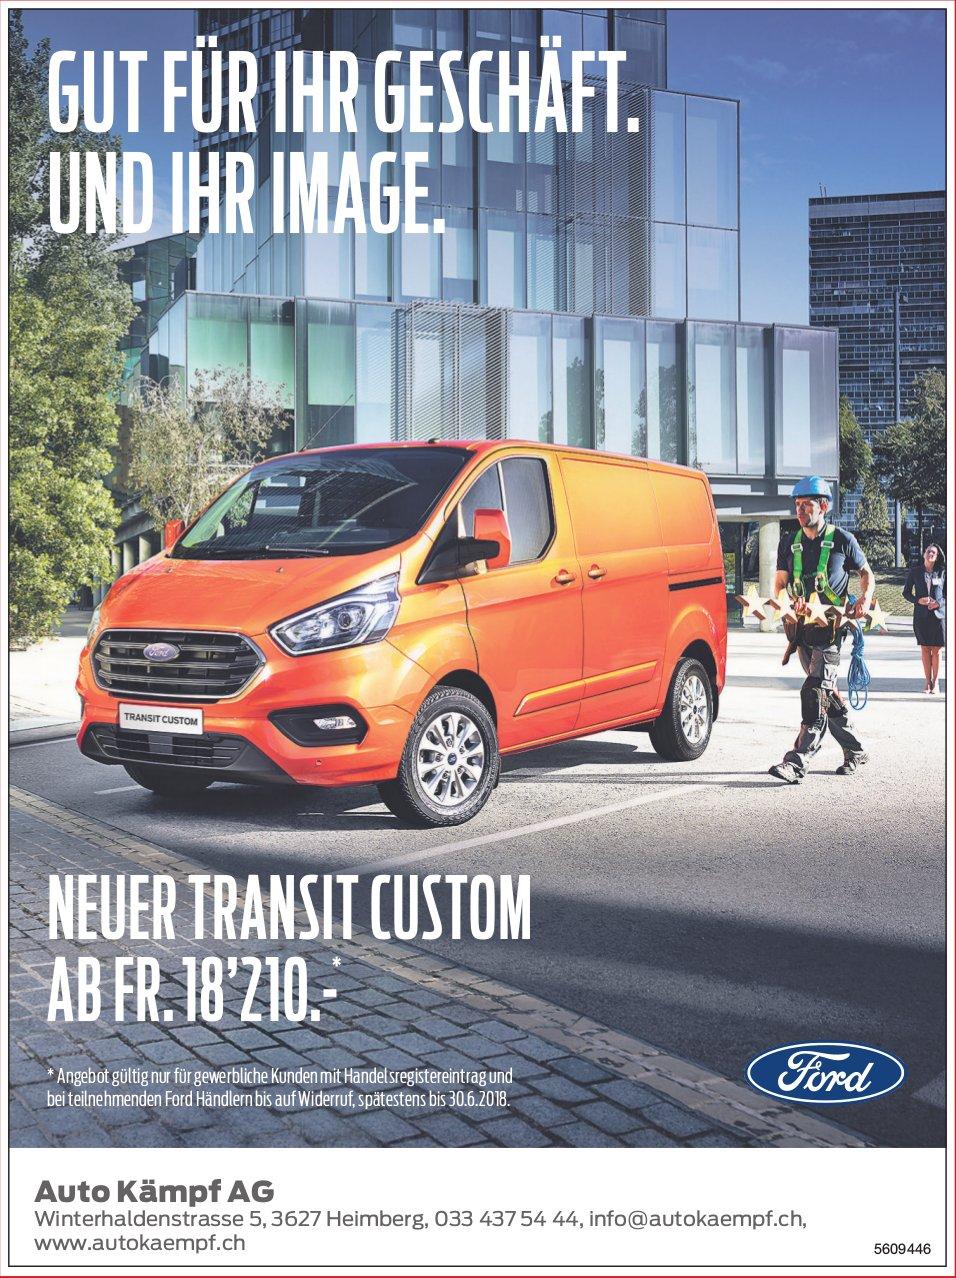 Auto Kämpf AG - Neuer Ford Transit Custom. Gut für Ihr Geschäft. Und Ihr Image.